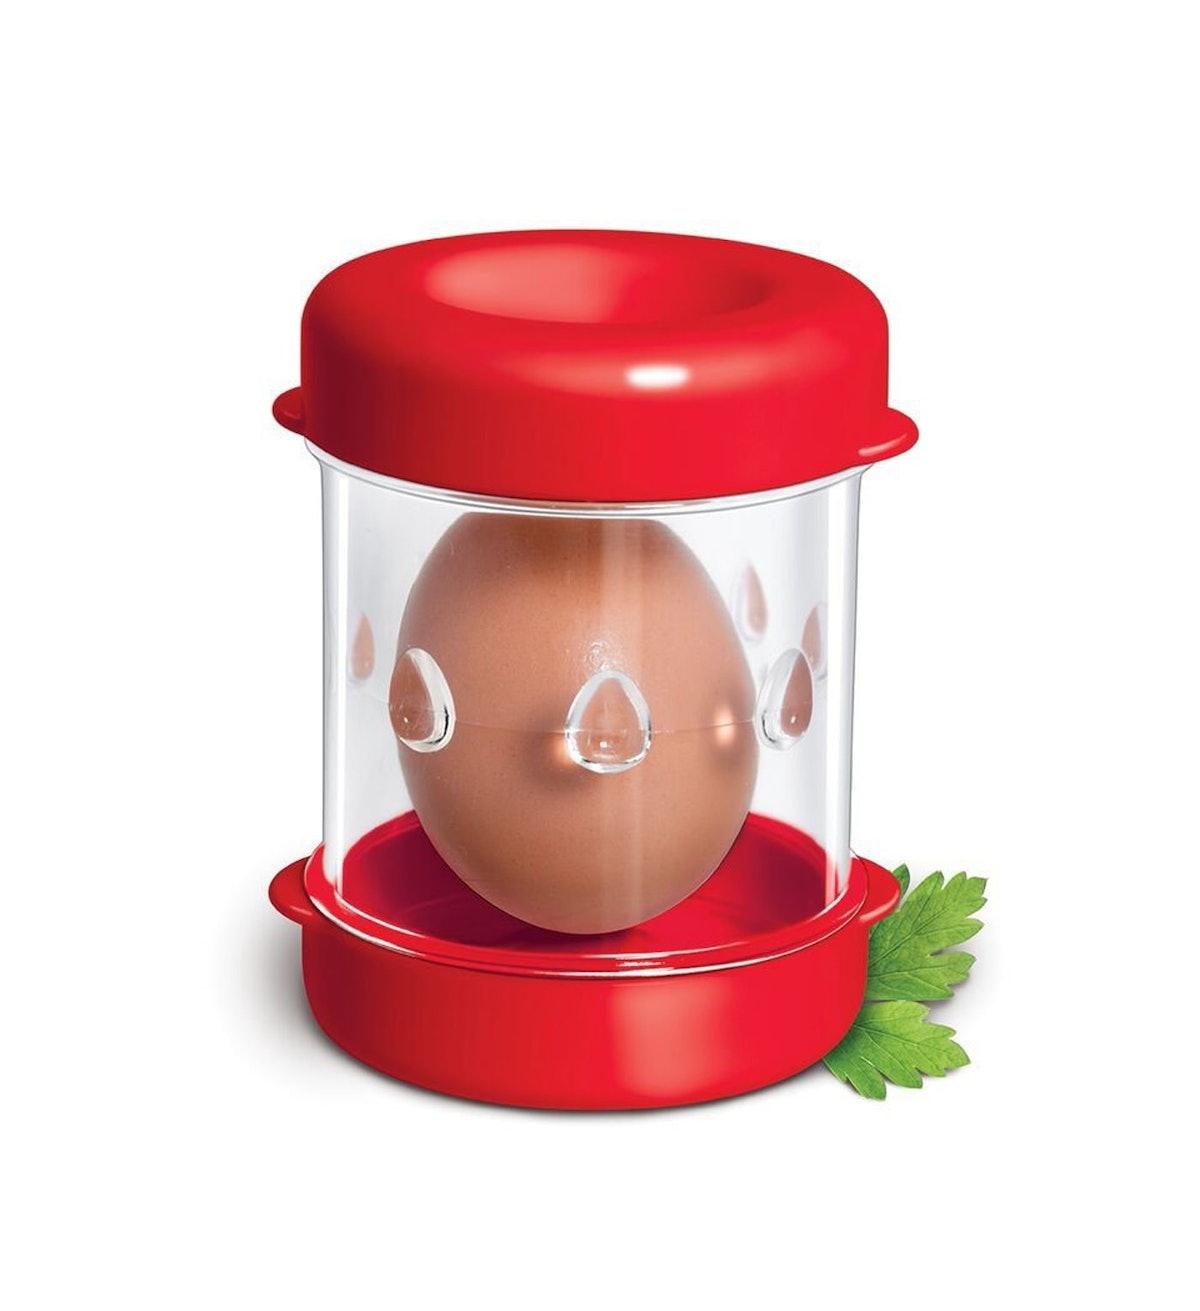 The Nedd Boiled Egg Peeler